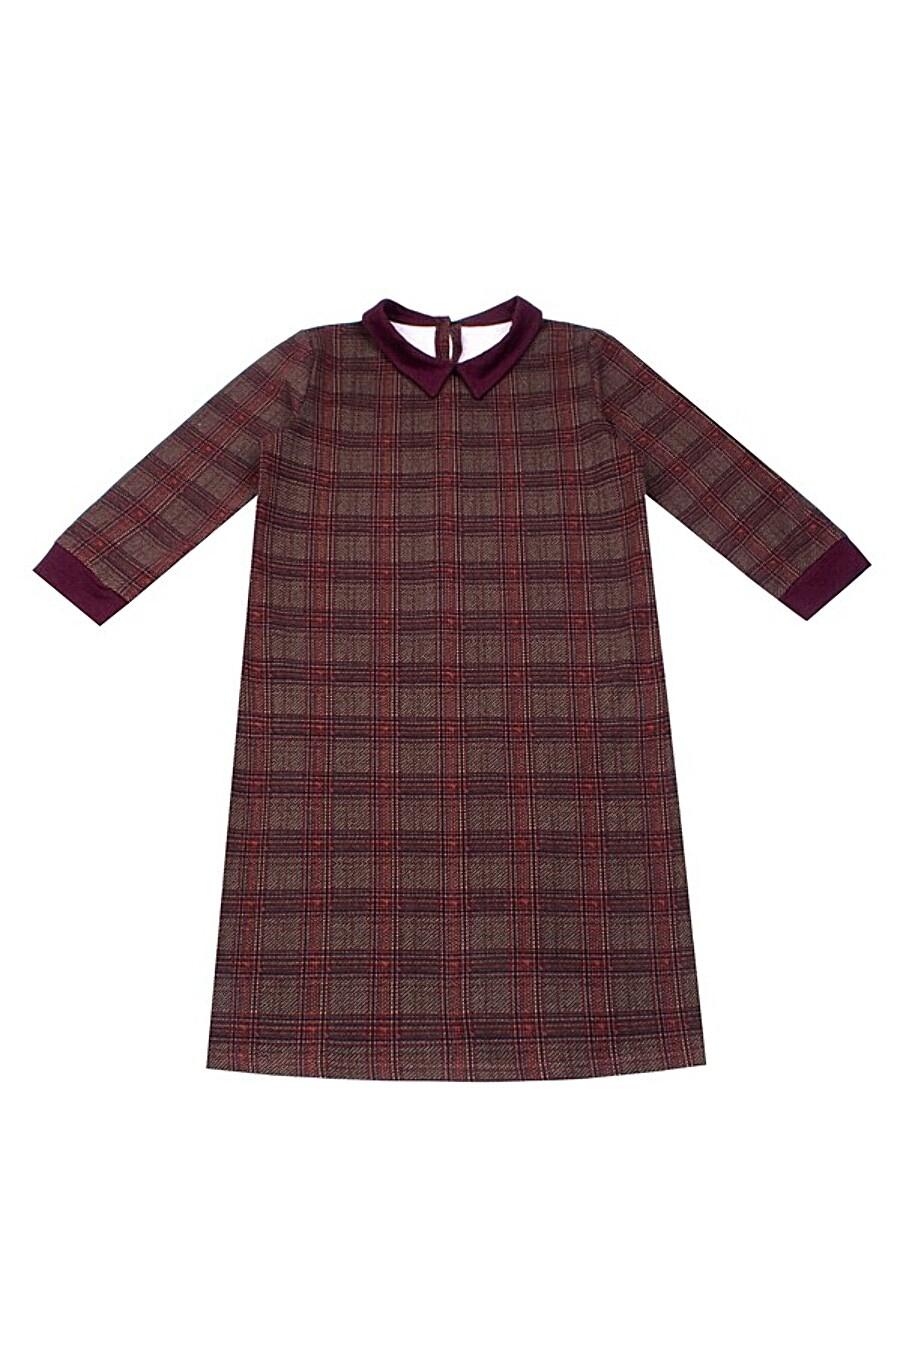 Платье для девочек Archi 158547 купить оптом от производителя. Совместная покупка детской одежды в OptMoyo